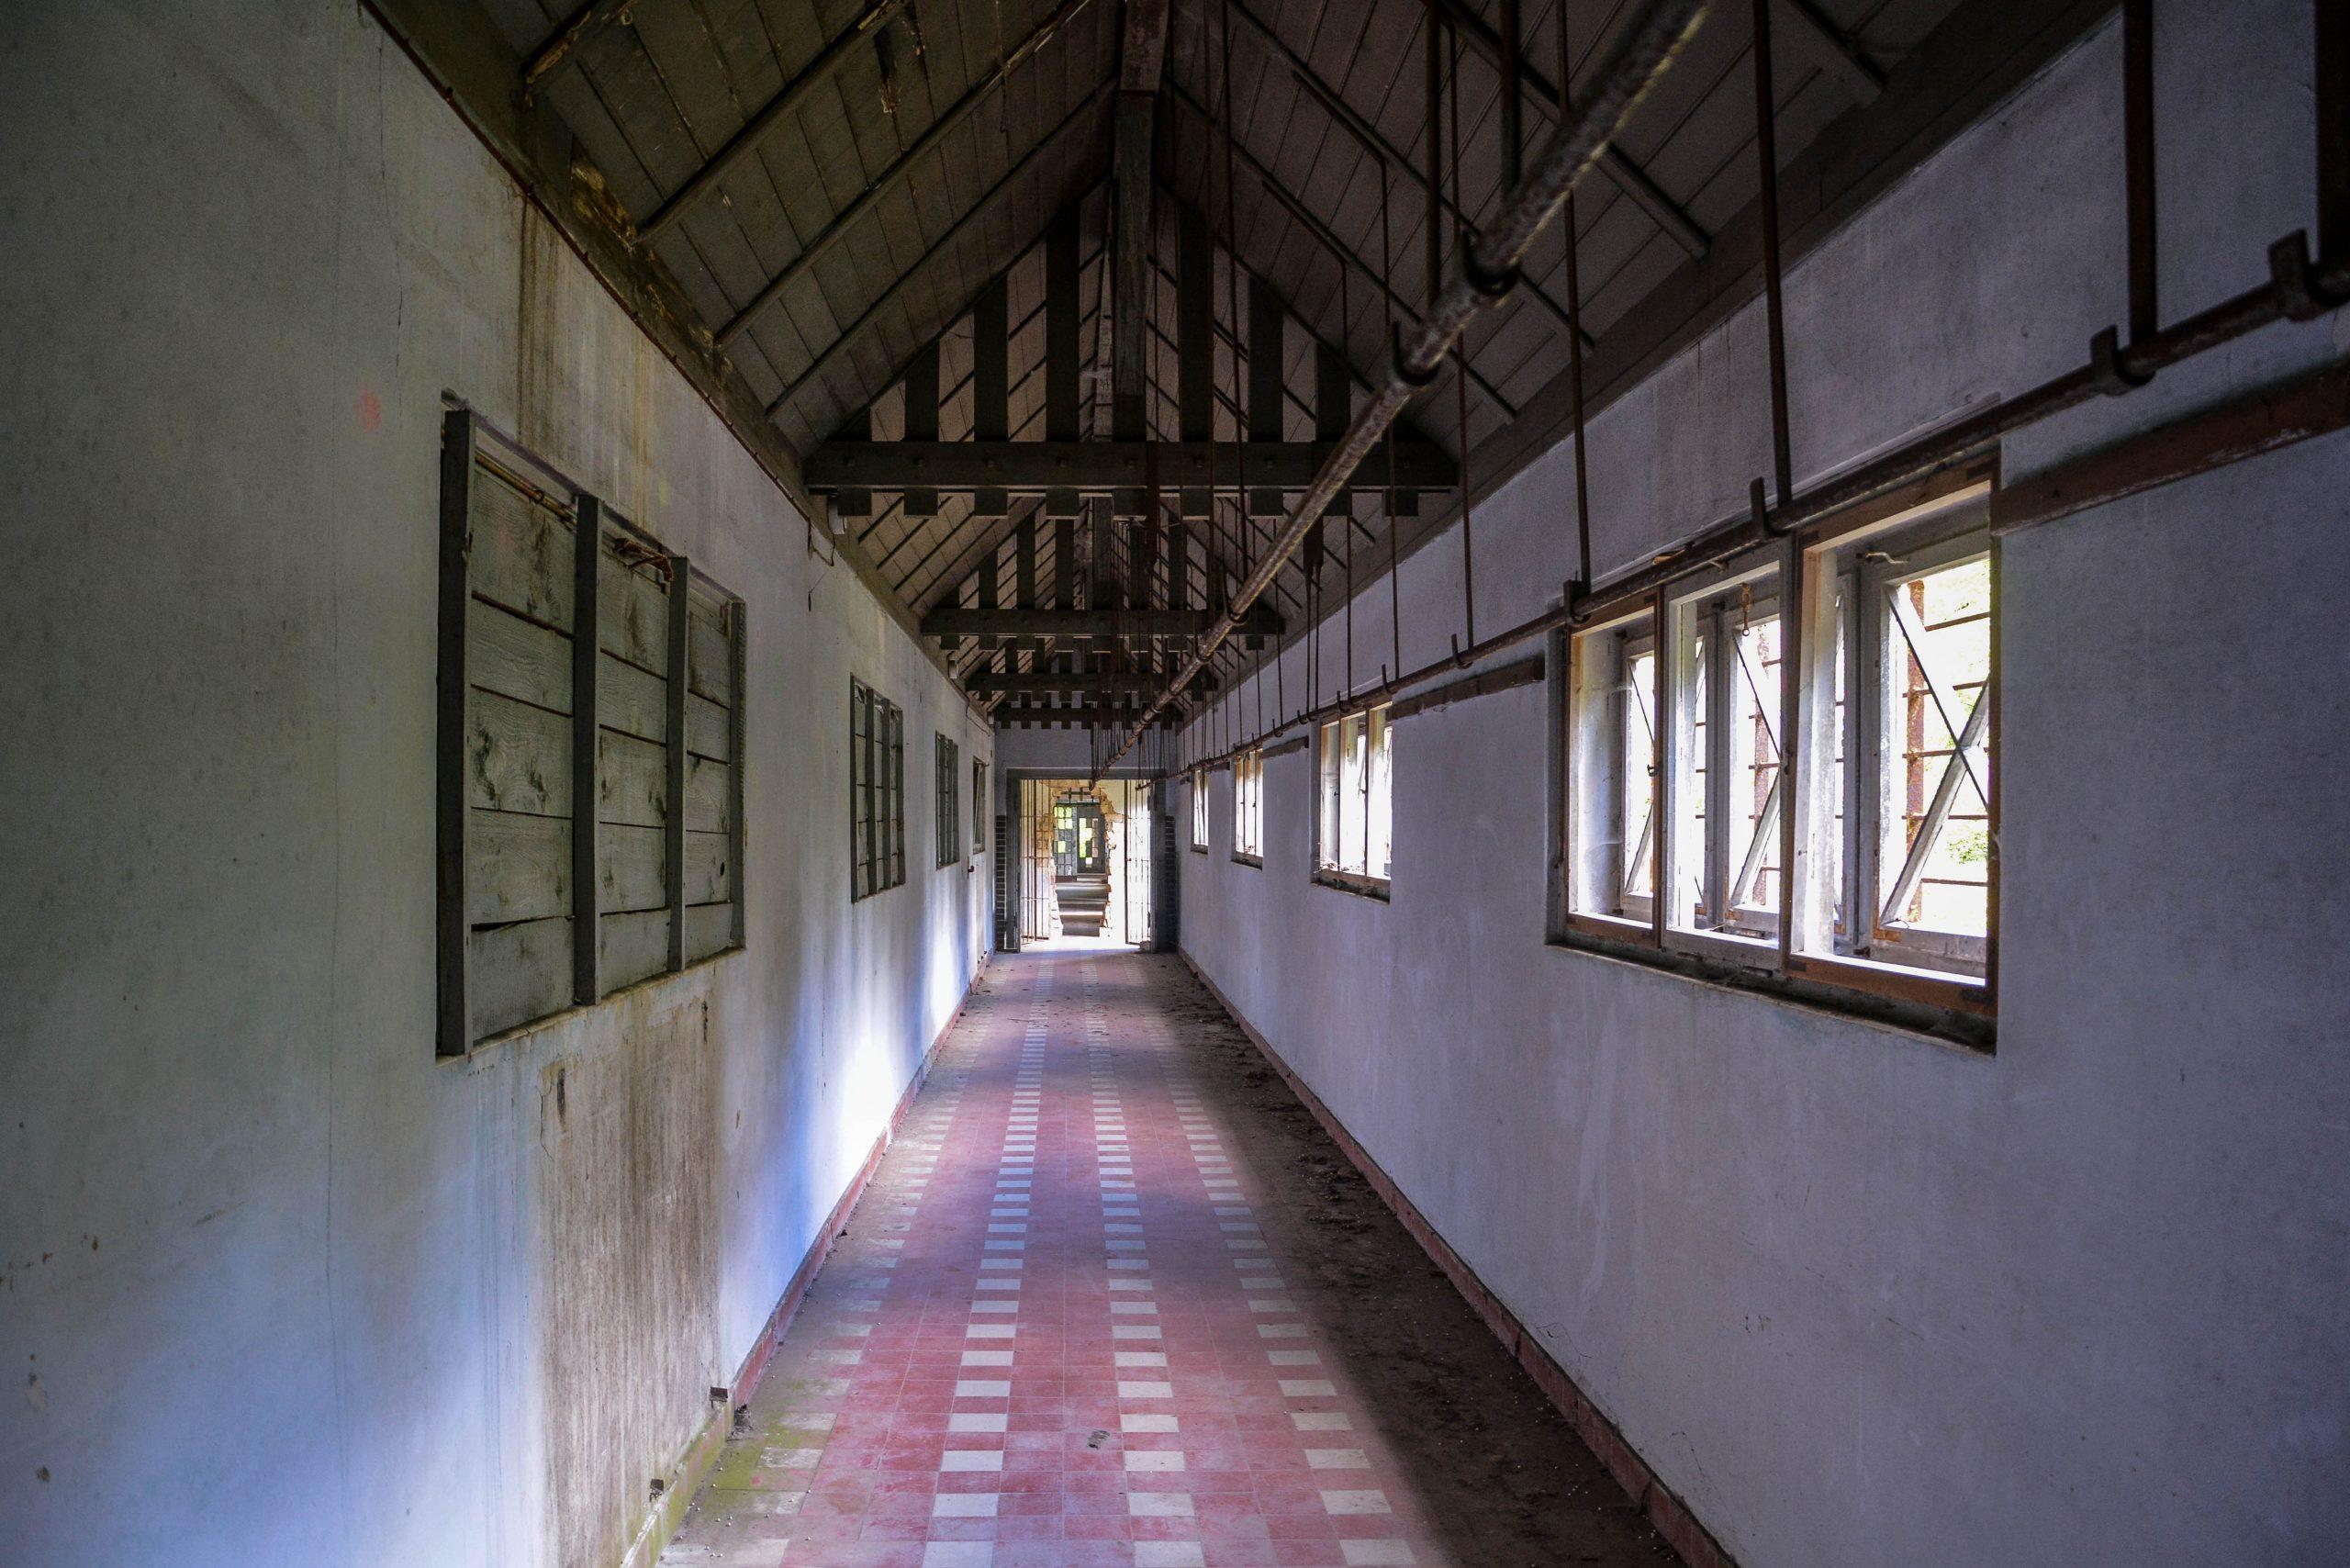 connecting hallway brick wall tuberkulose heilstaette grabowsee sanatorium hospital oranienburg lost places abandoned urbex brandenburg germany deutschland